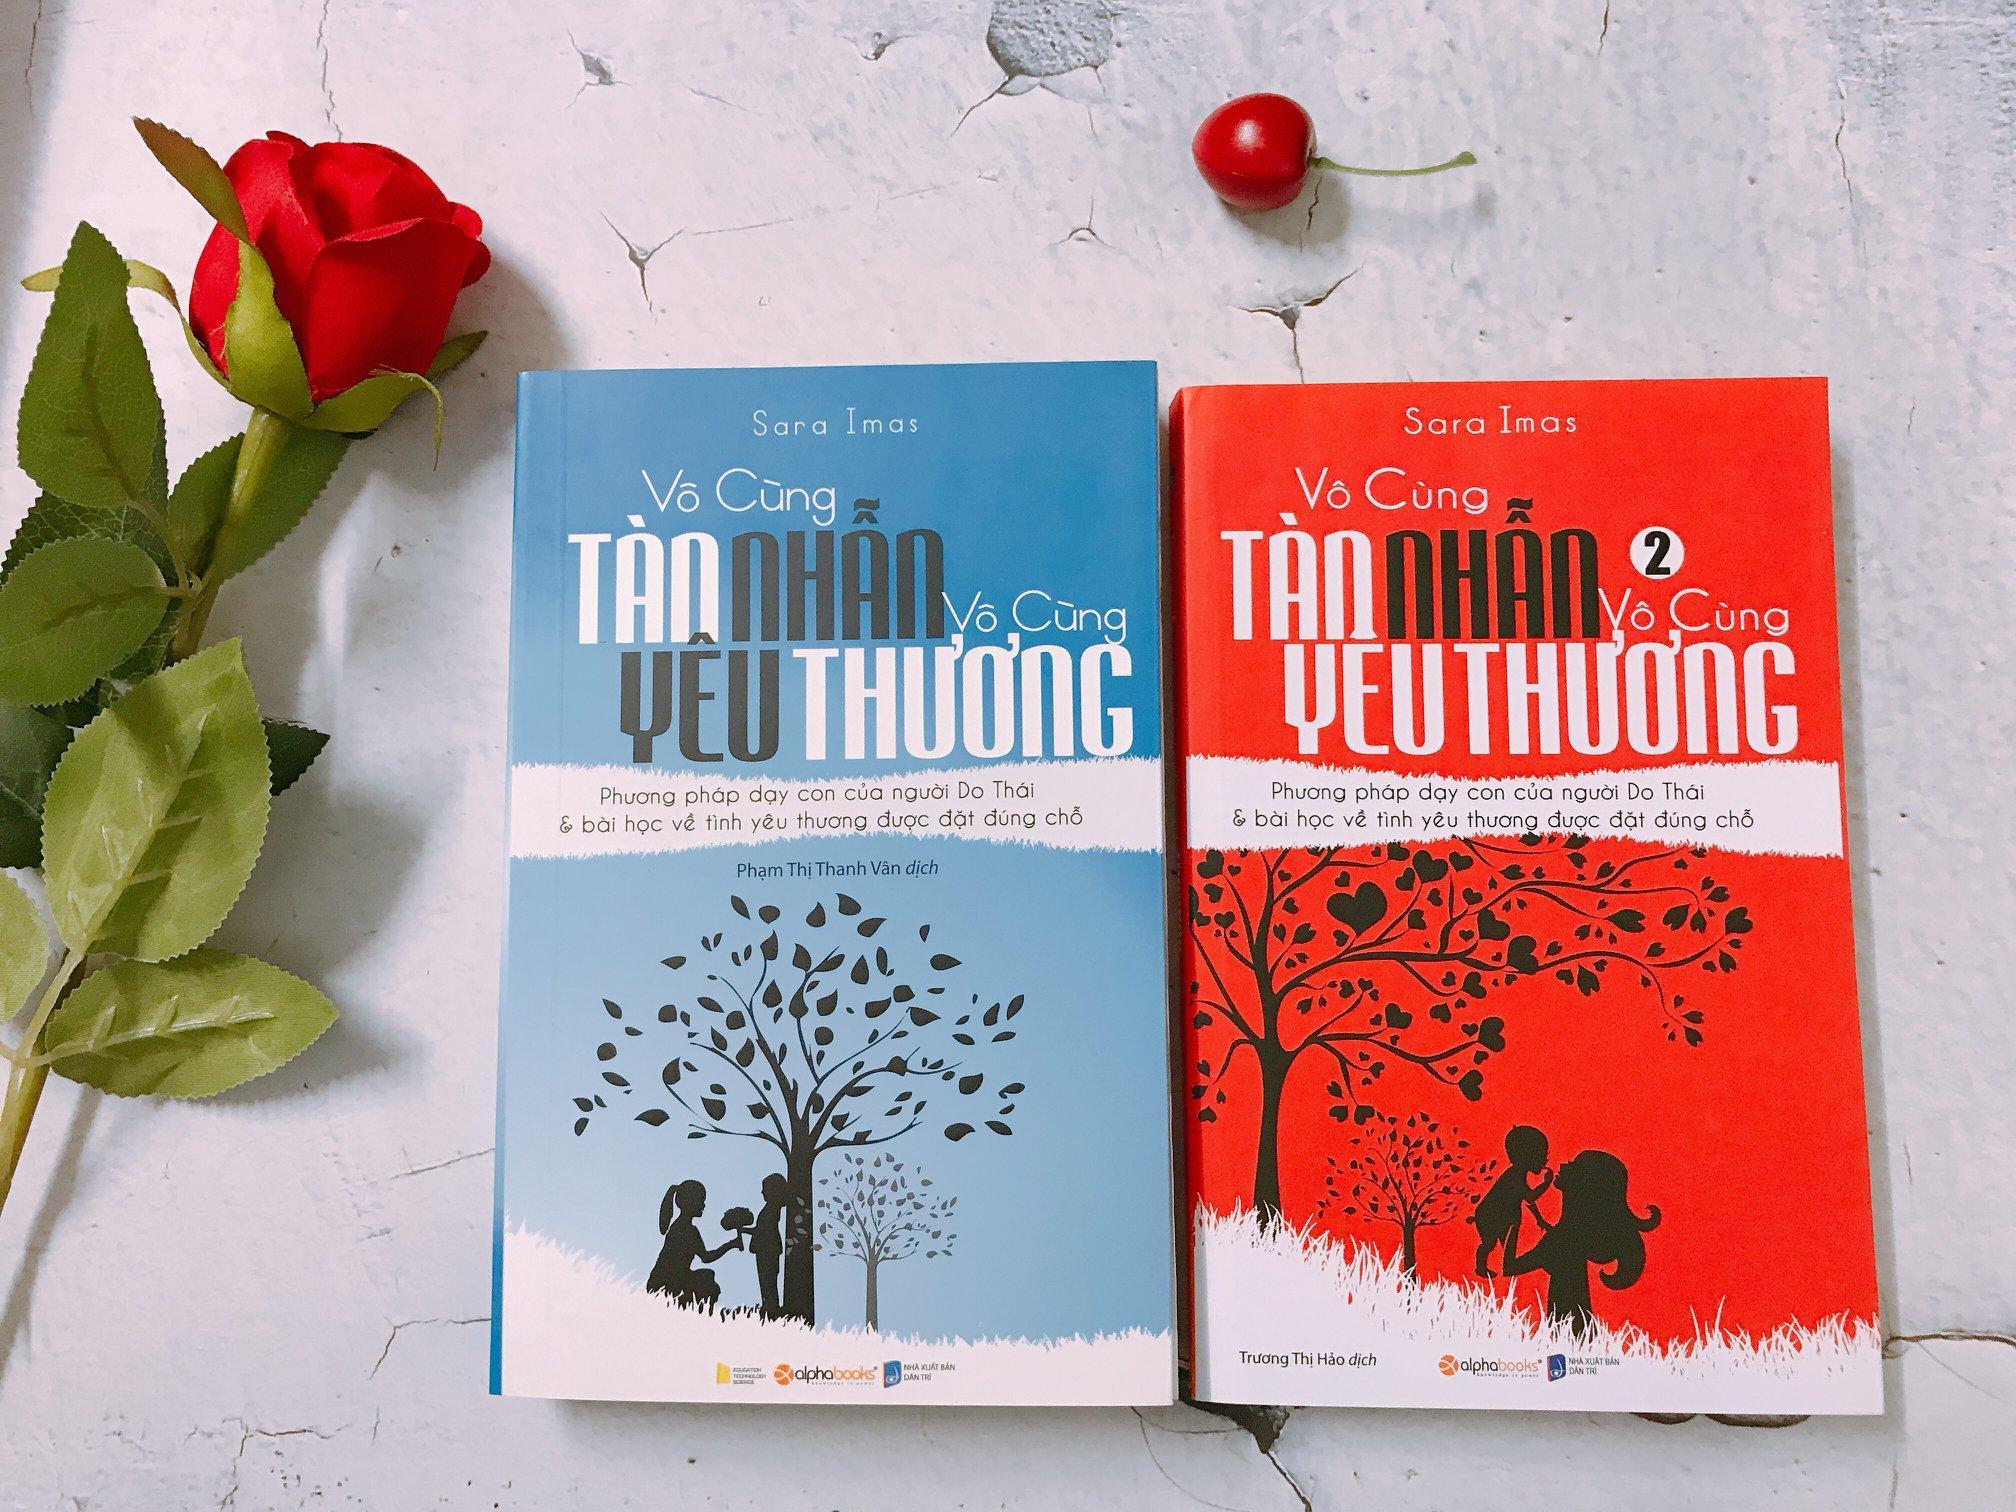 Sách Combo Vô Cùng Tàn Nhẫn, Vô Cùng Yêu Thương (Bộ 2 Tập) Đang Có Khuyến Mãi